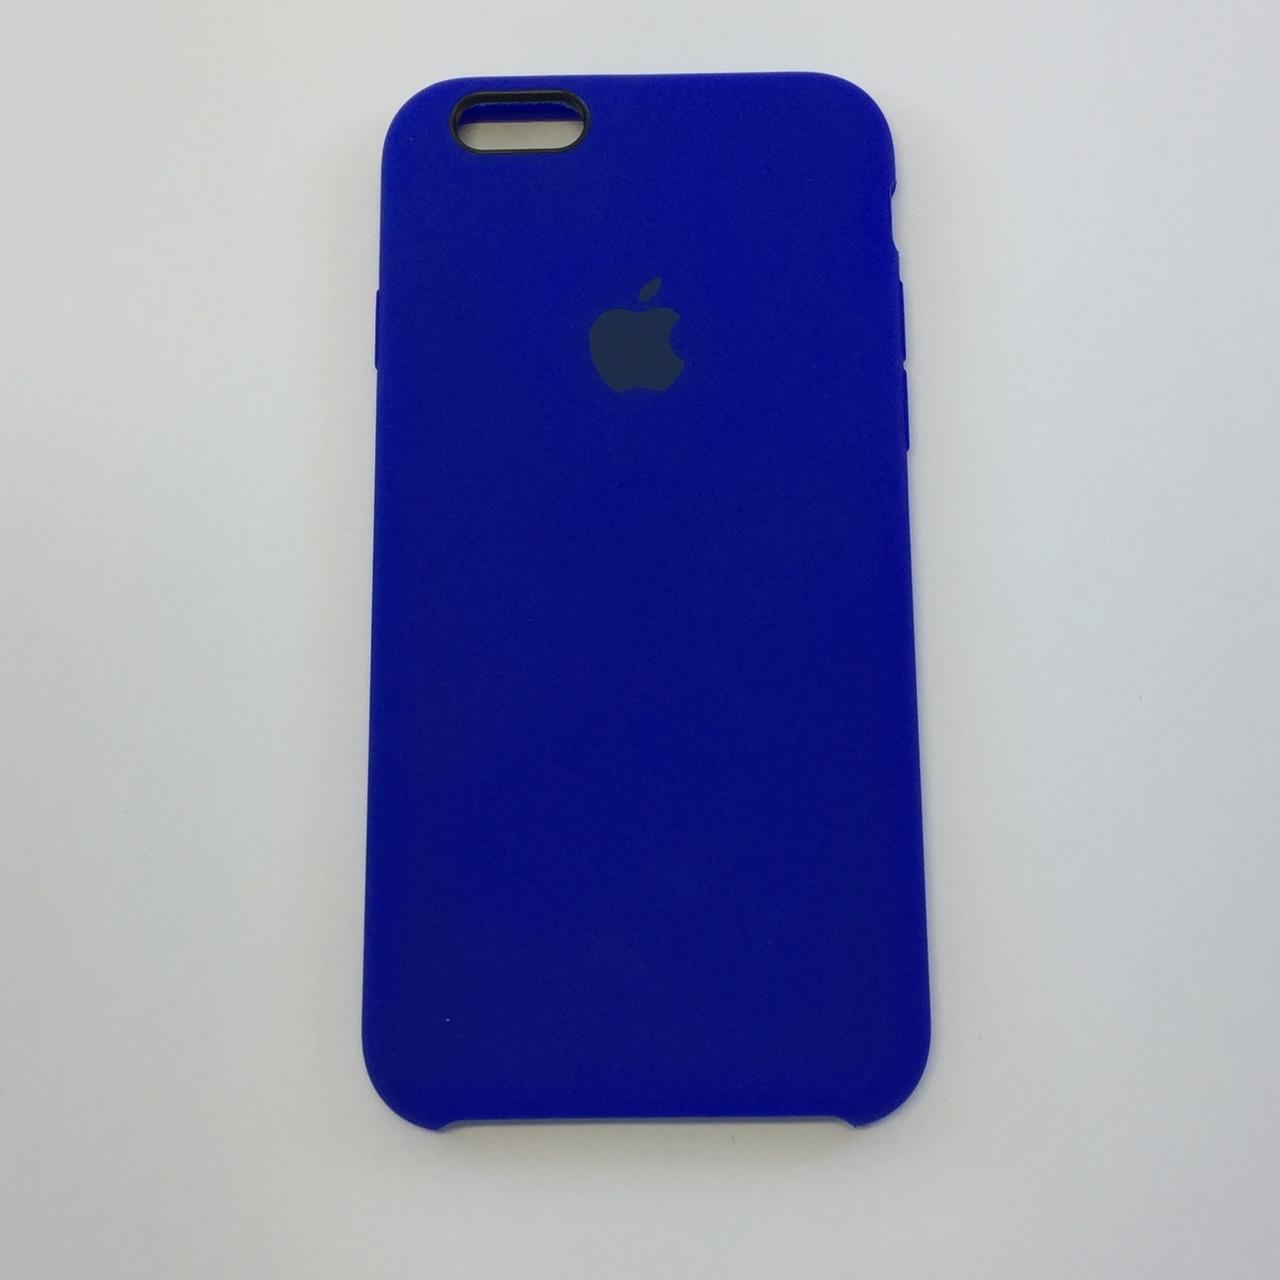 Силиконовый чехол OEM Silicon Case для iPhone 6/6s, электрик